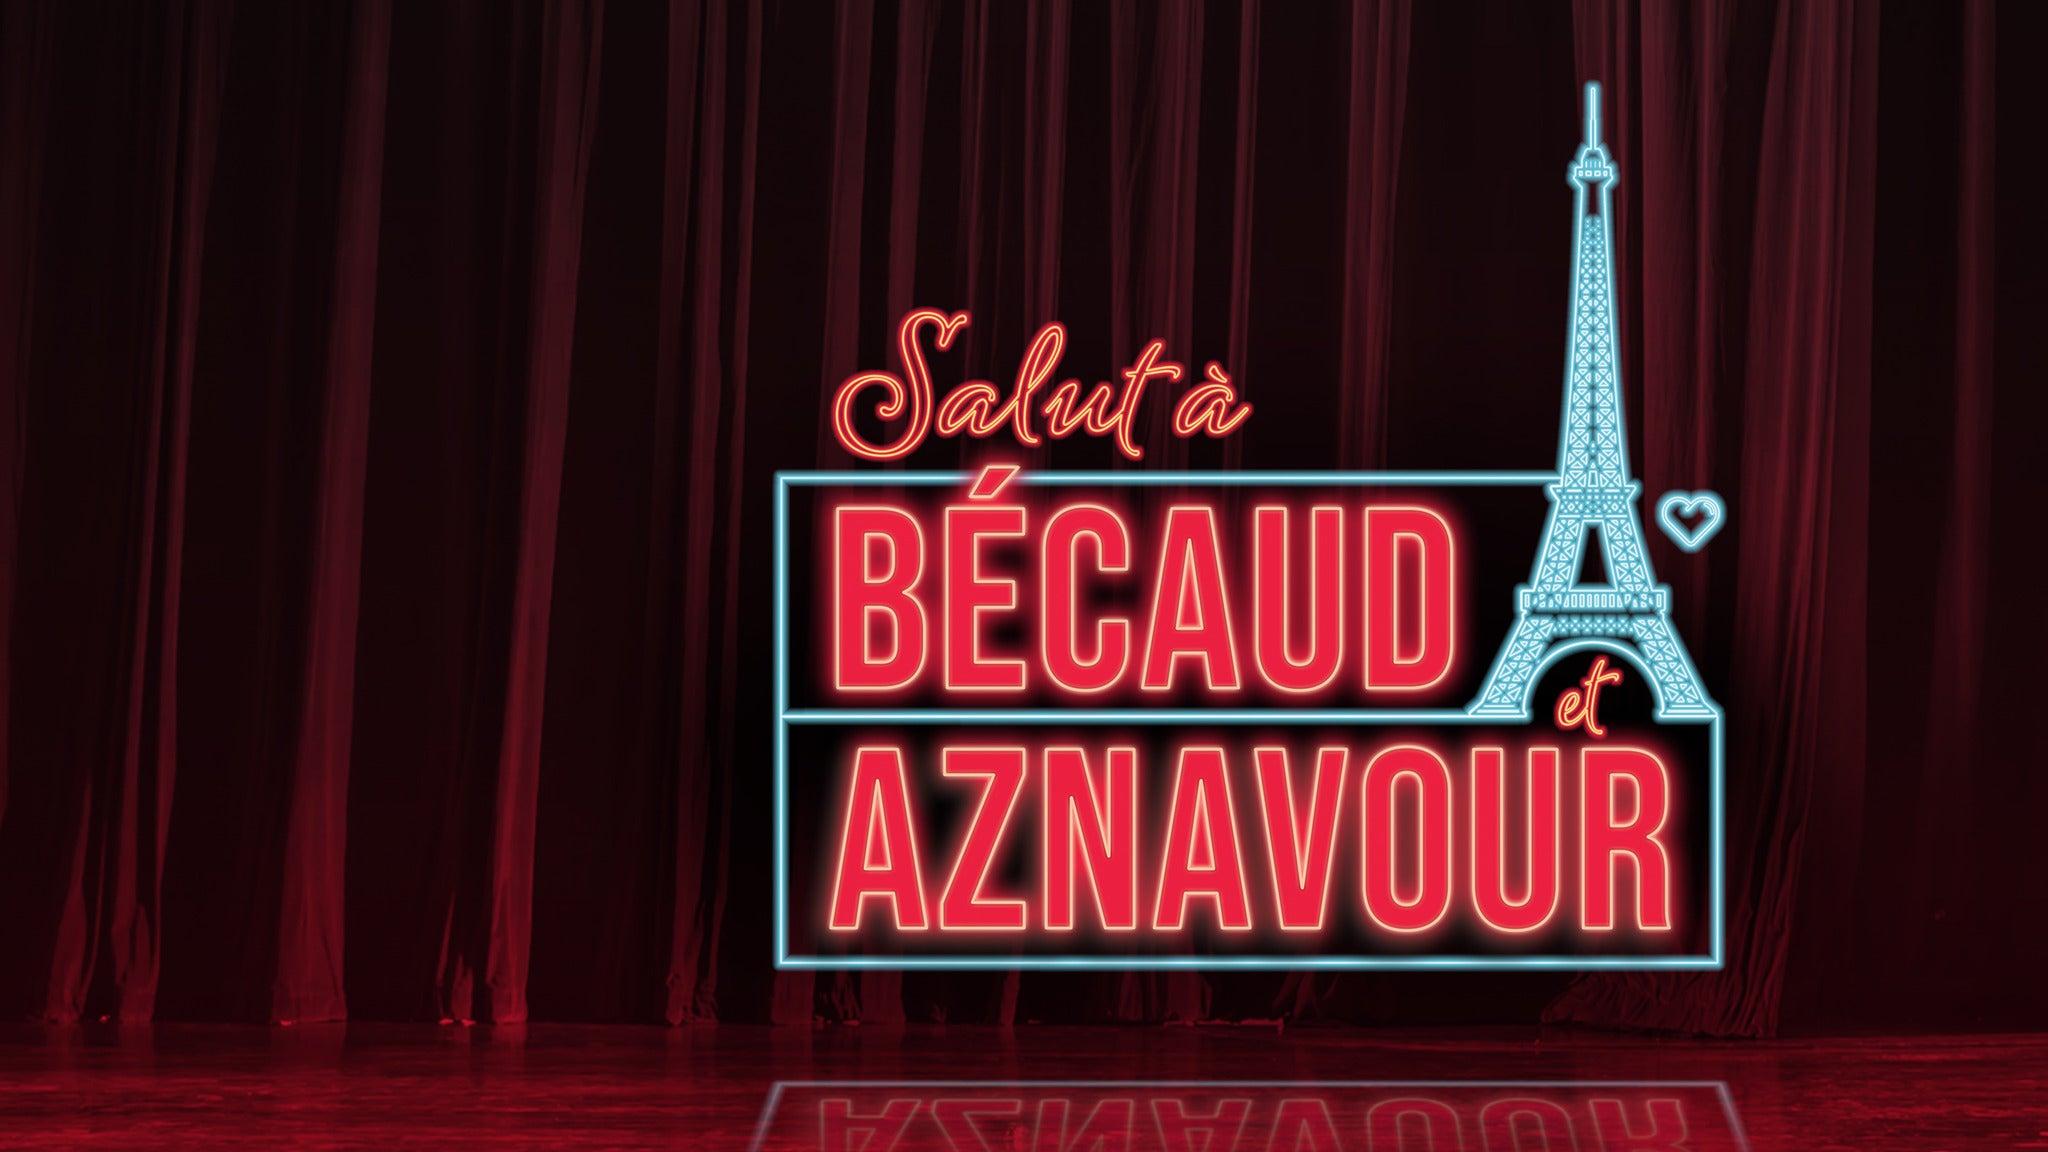 Salut à Bécaud et Aznavour tickets (Copyright © Ticketmaster)